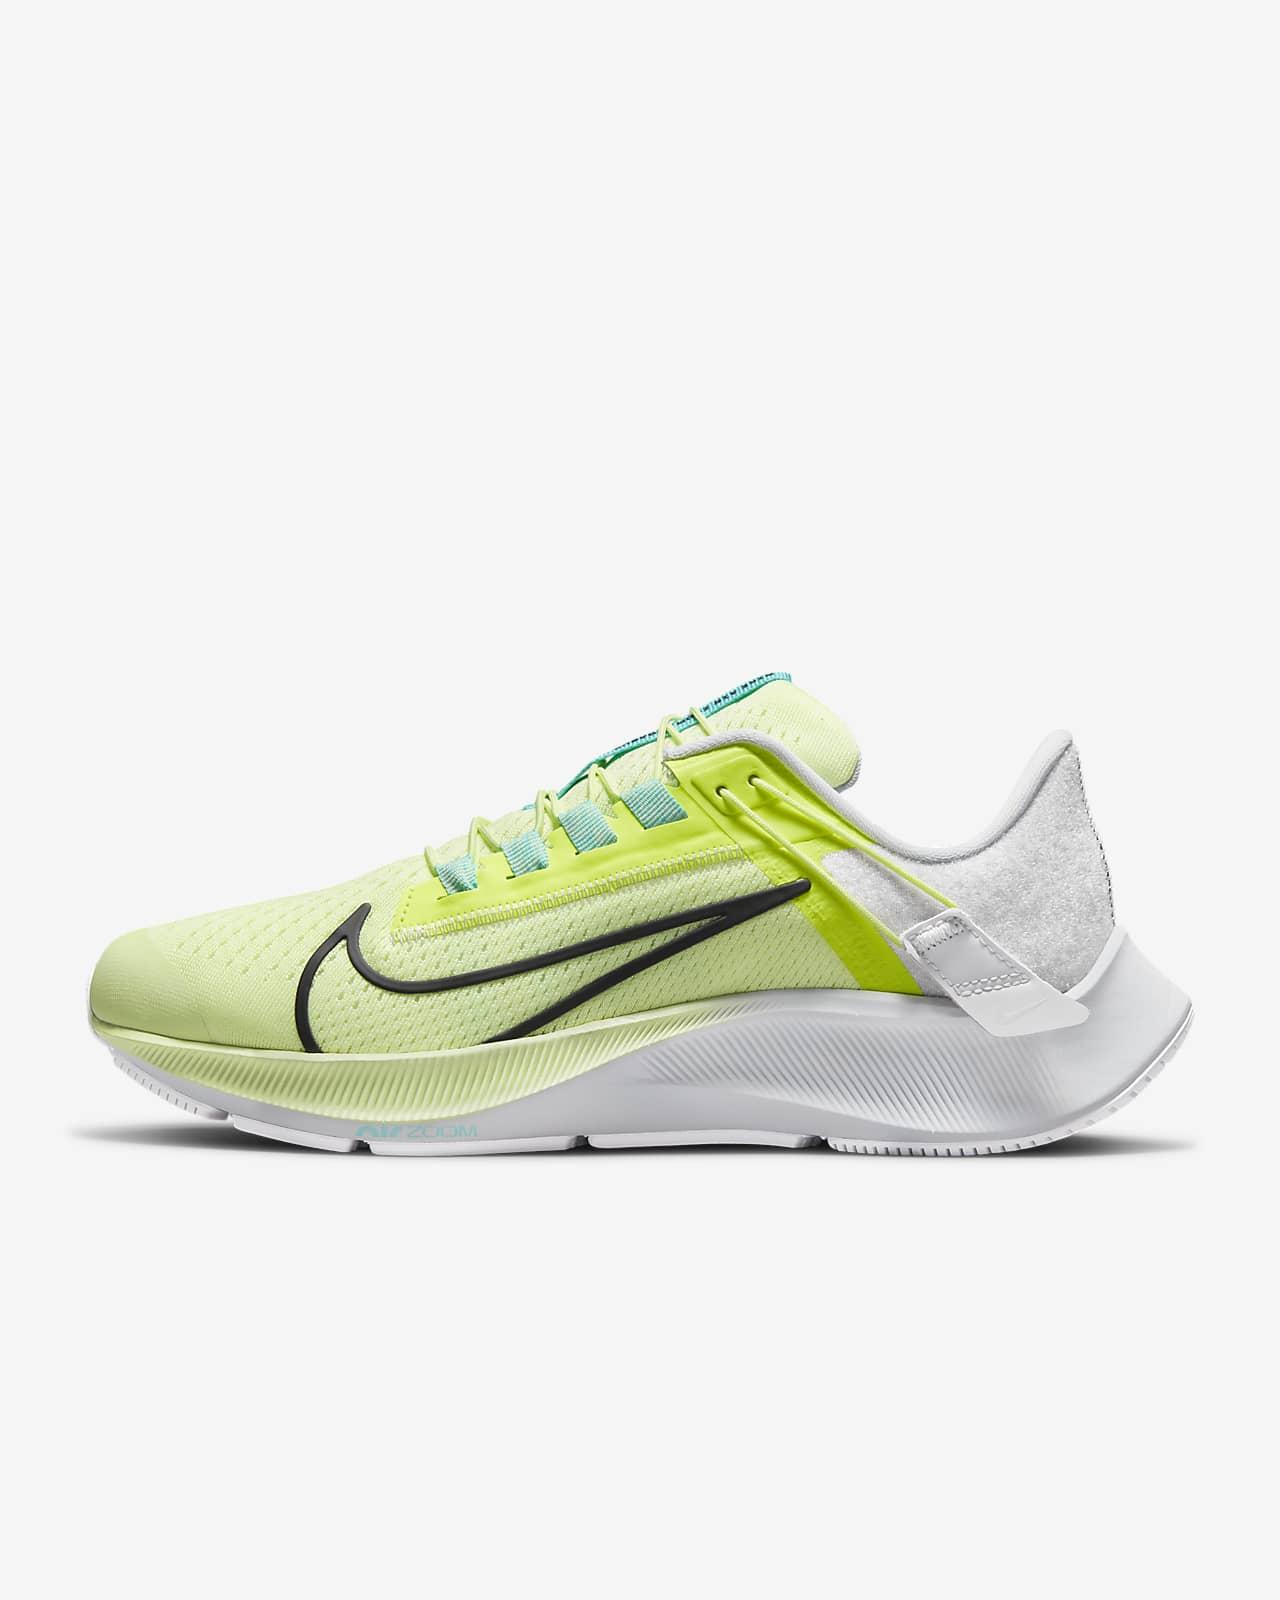 Löparskor för väg Nike Air Zoom Pegasus 38 FlyEase som är enkel att ta på/av för kvinnor